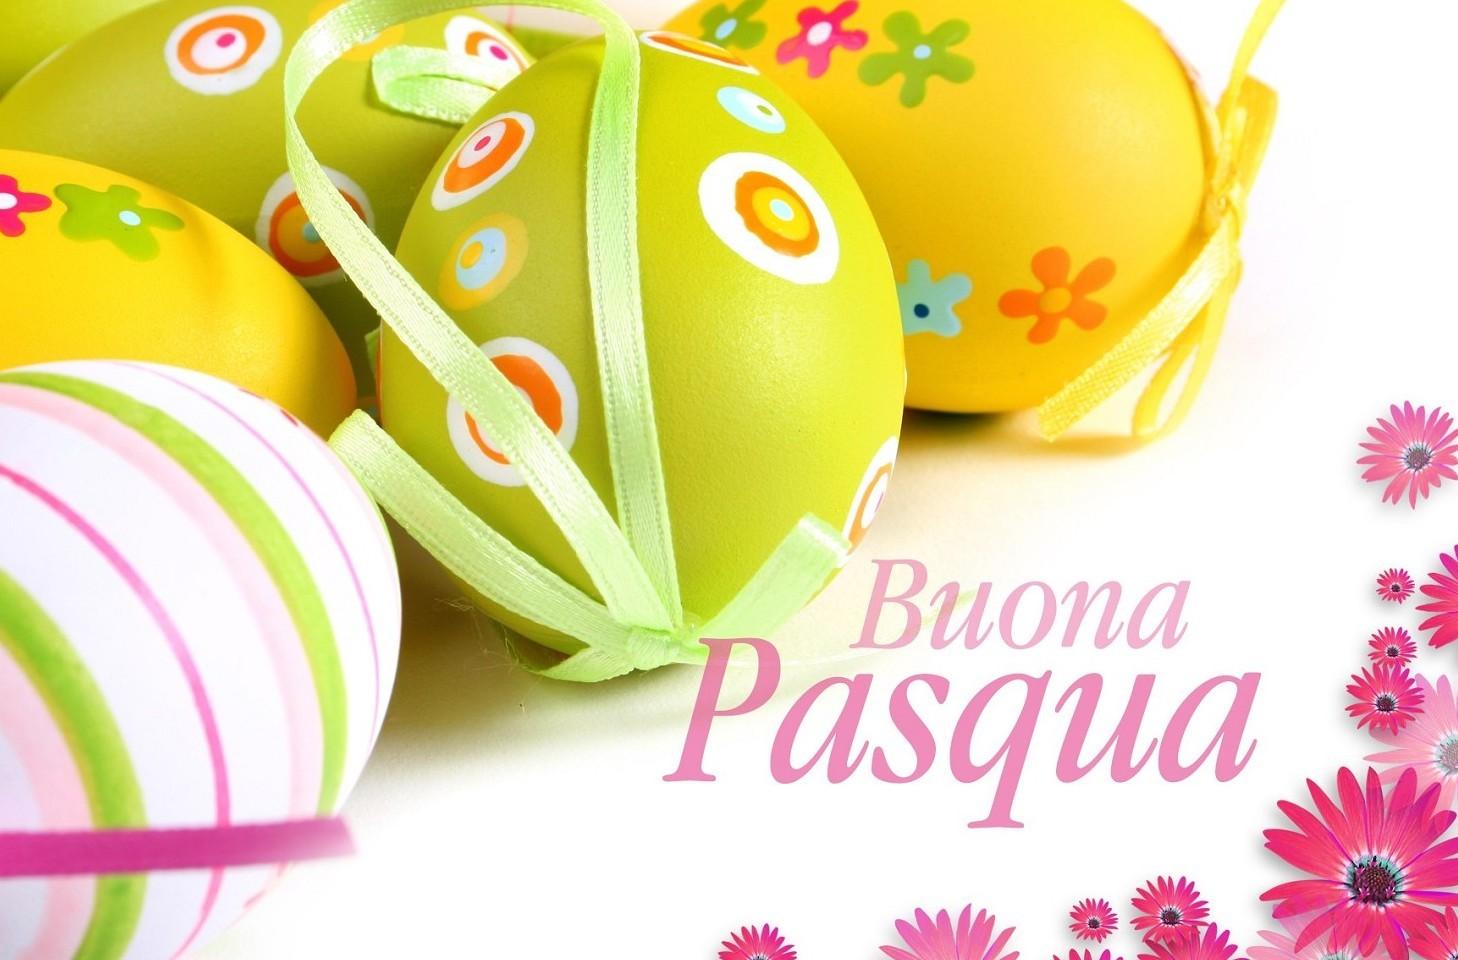 Auguri di Pasqua frasi, video, immagini